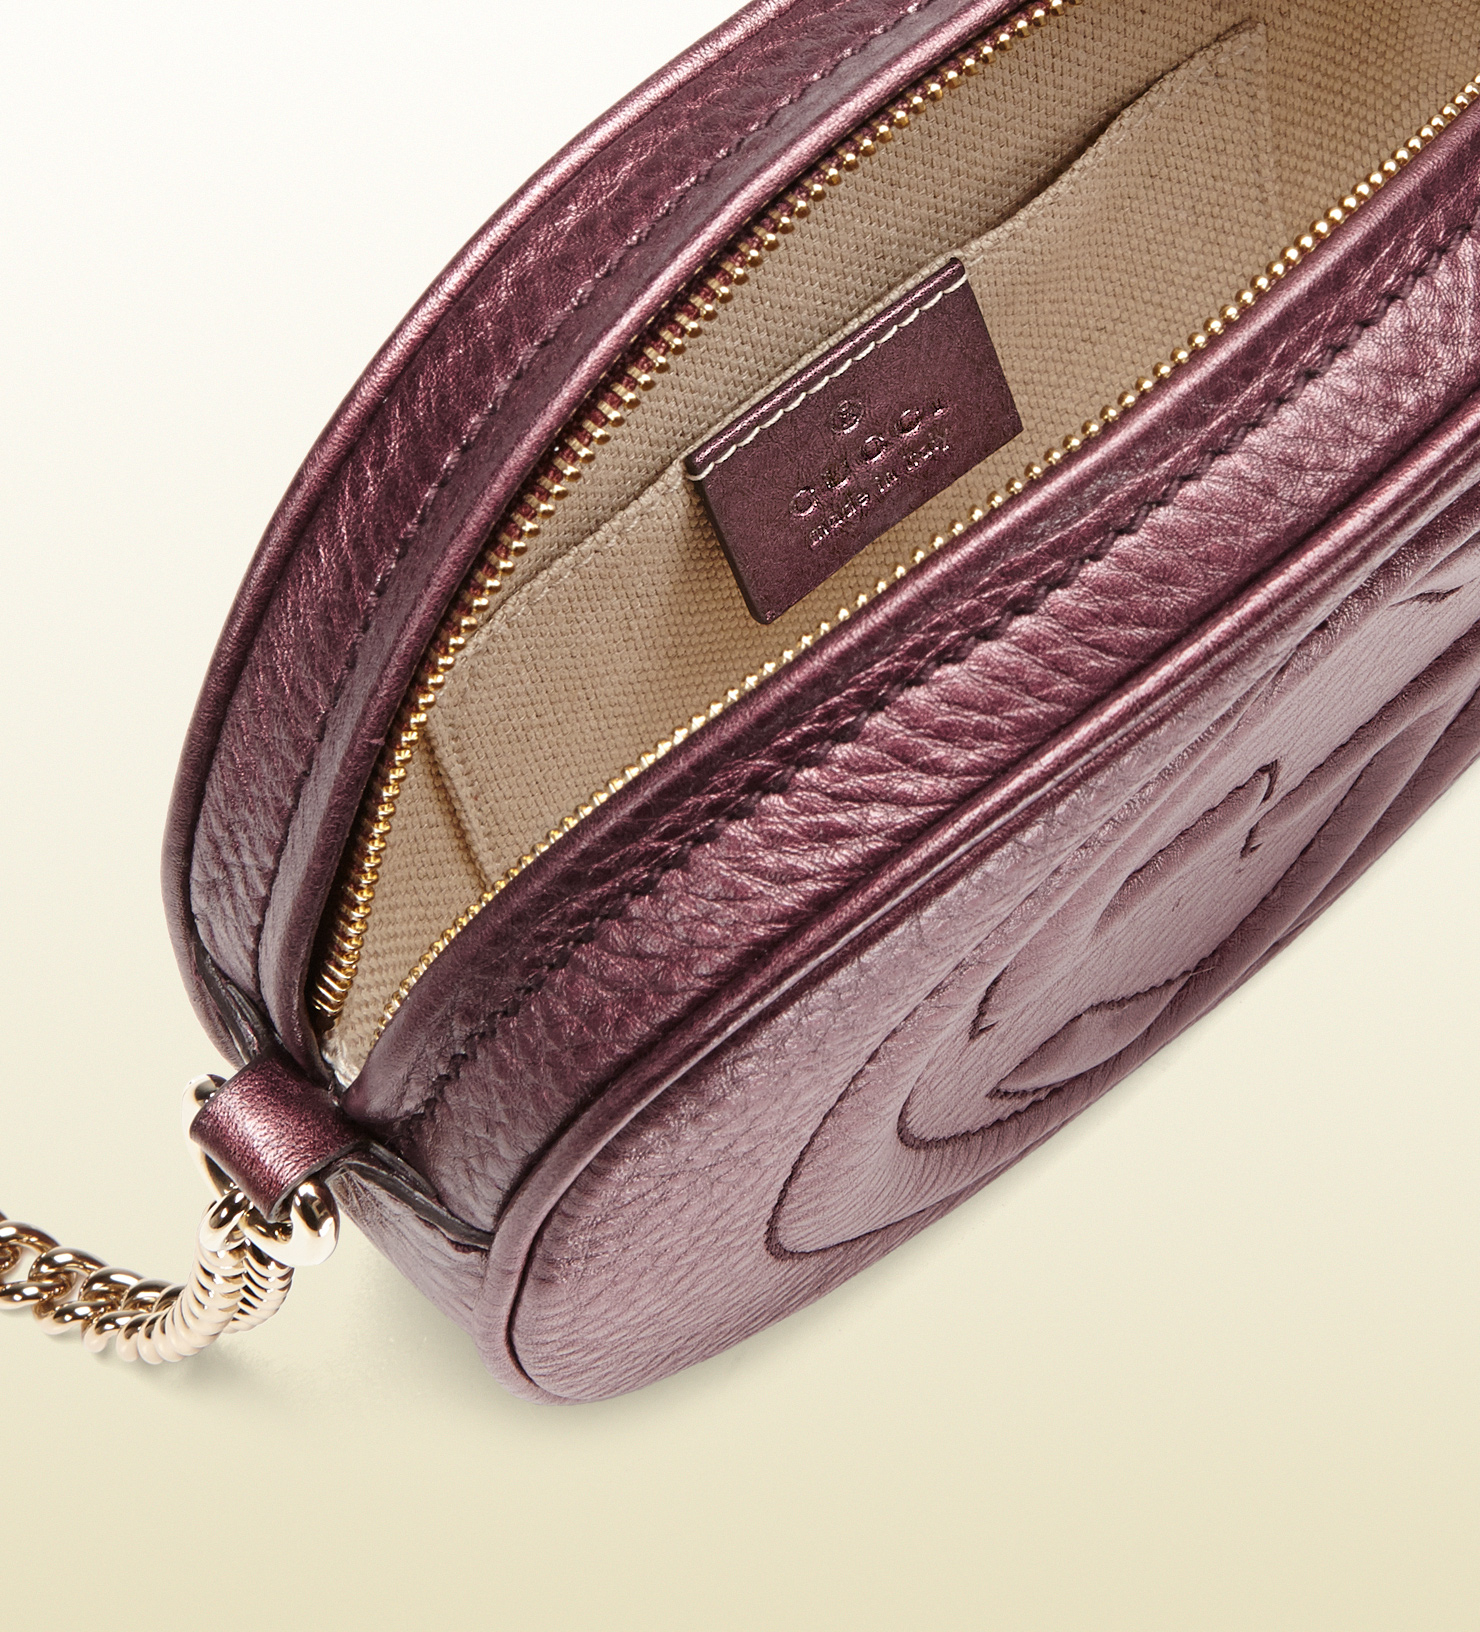 80fa0911797b Gucci Soho Metallic Leather Mini Chain Bag In Purple Lyst Free ...